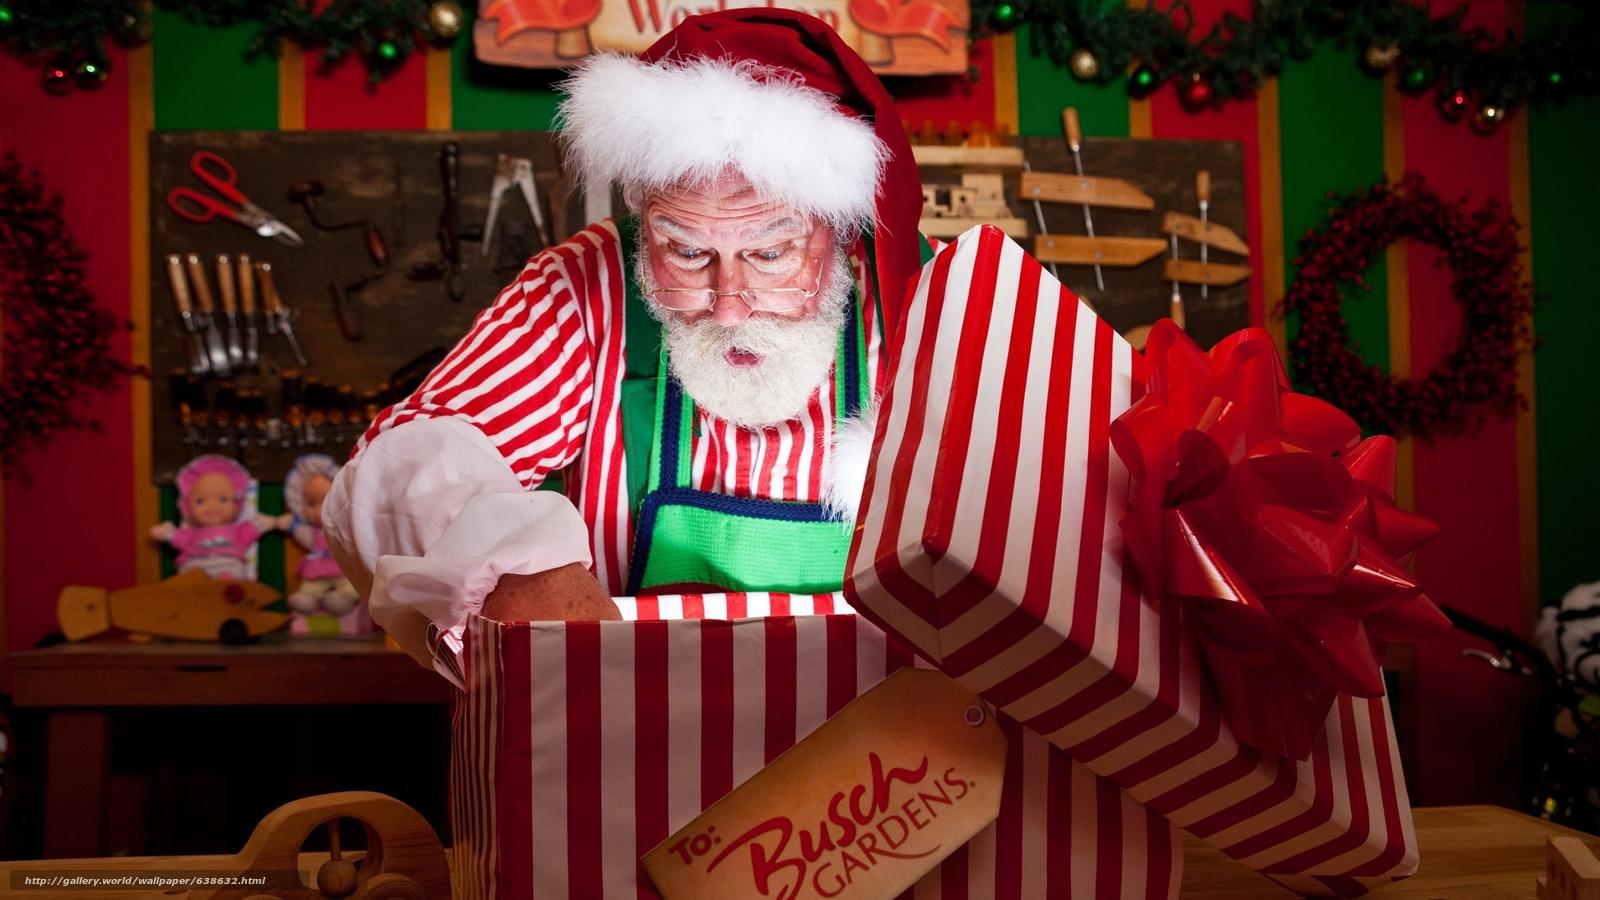 Descargar gratis Papá Noel,  Papá Noel,  Año Nuevo,  Navidad Fondos de escritorio en la resolucin 2560x1440 — imagen №638632